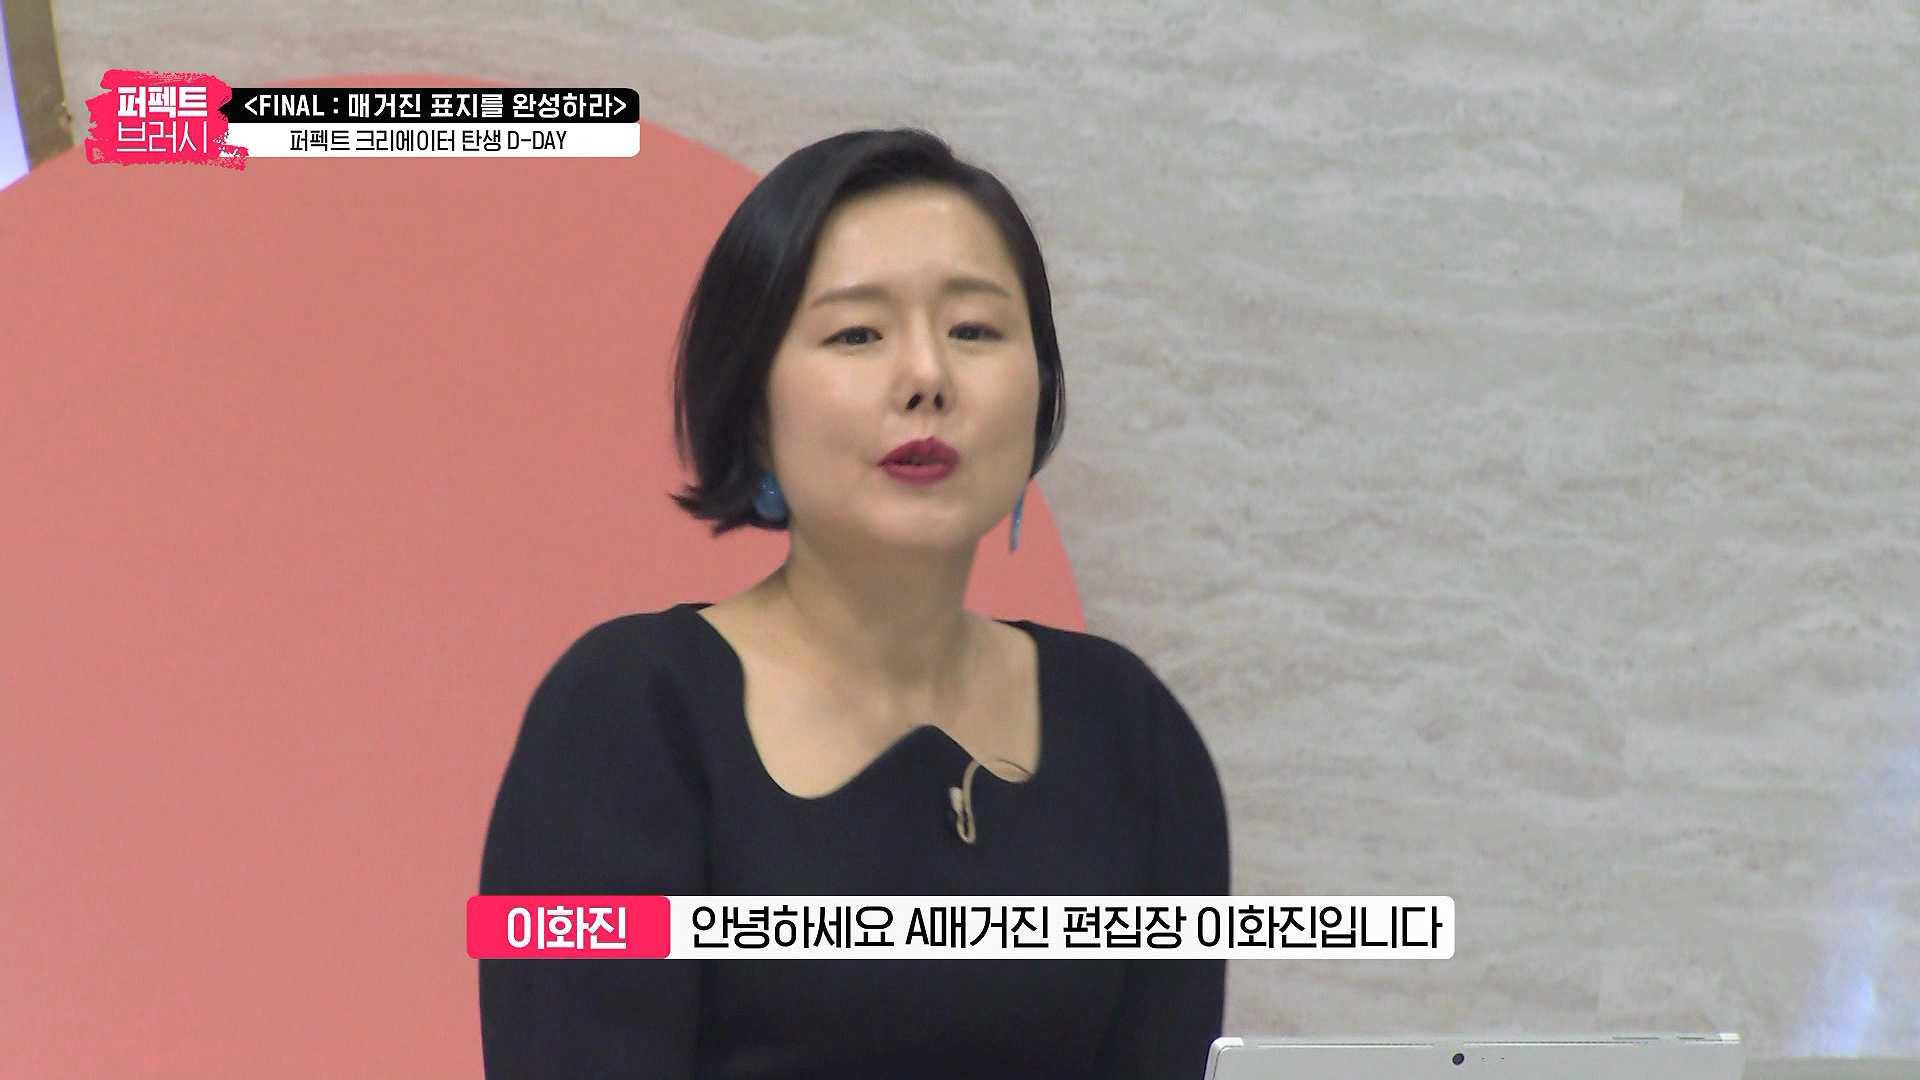 그리고 A매거진의 이화진 편집장님!